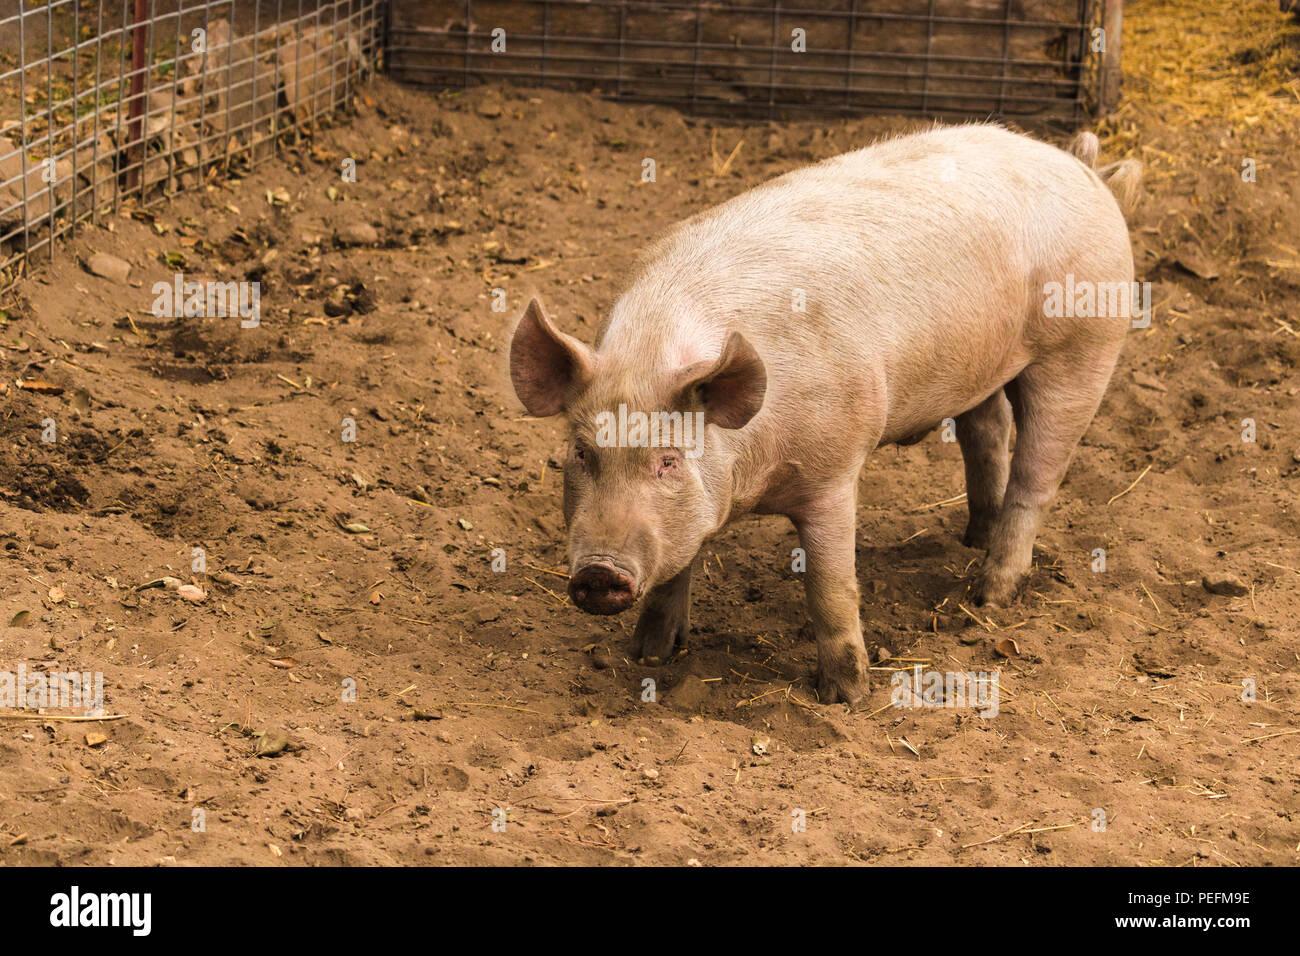 Voller Körper geschossen von erschrocken, vorsichtig, zurückhaltend einzigen schmutzigen Jungen heimischen rosa Schwein stehend, mit schlammigen Füße, große Ohren, gepflegte und gesunde waitin und Stockbild